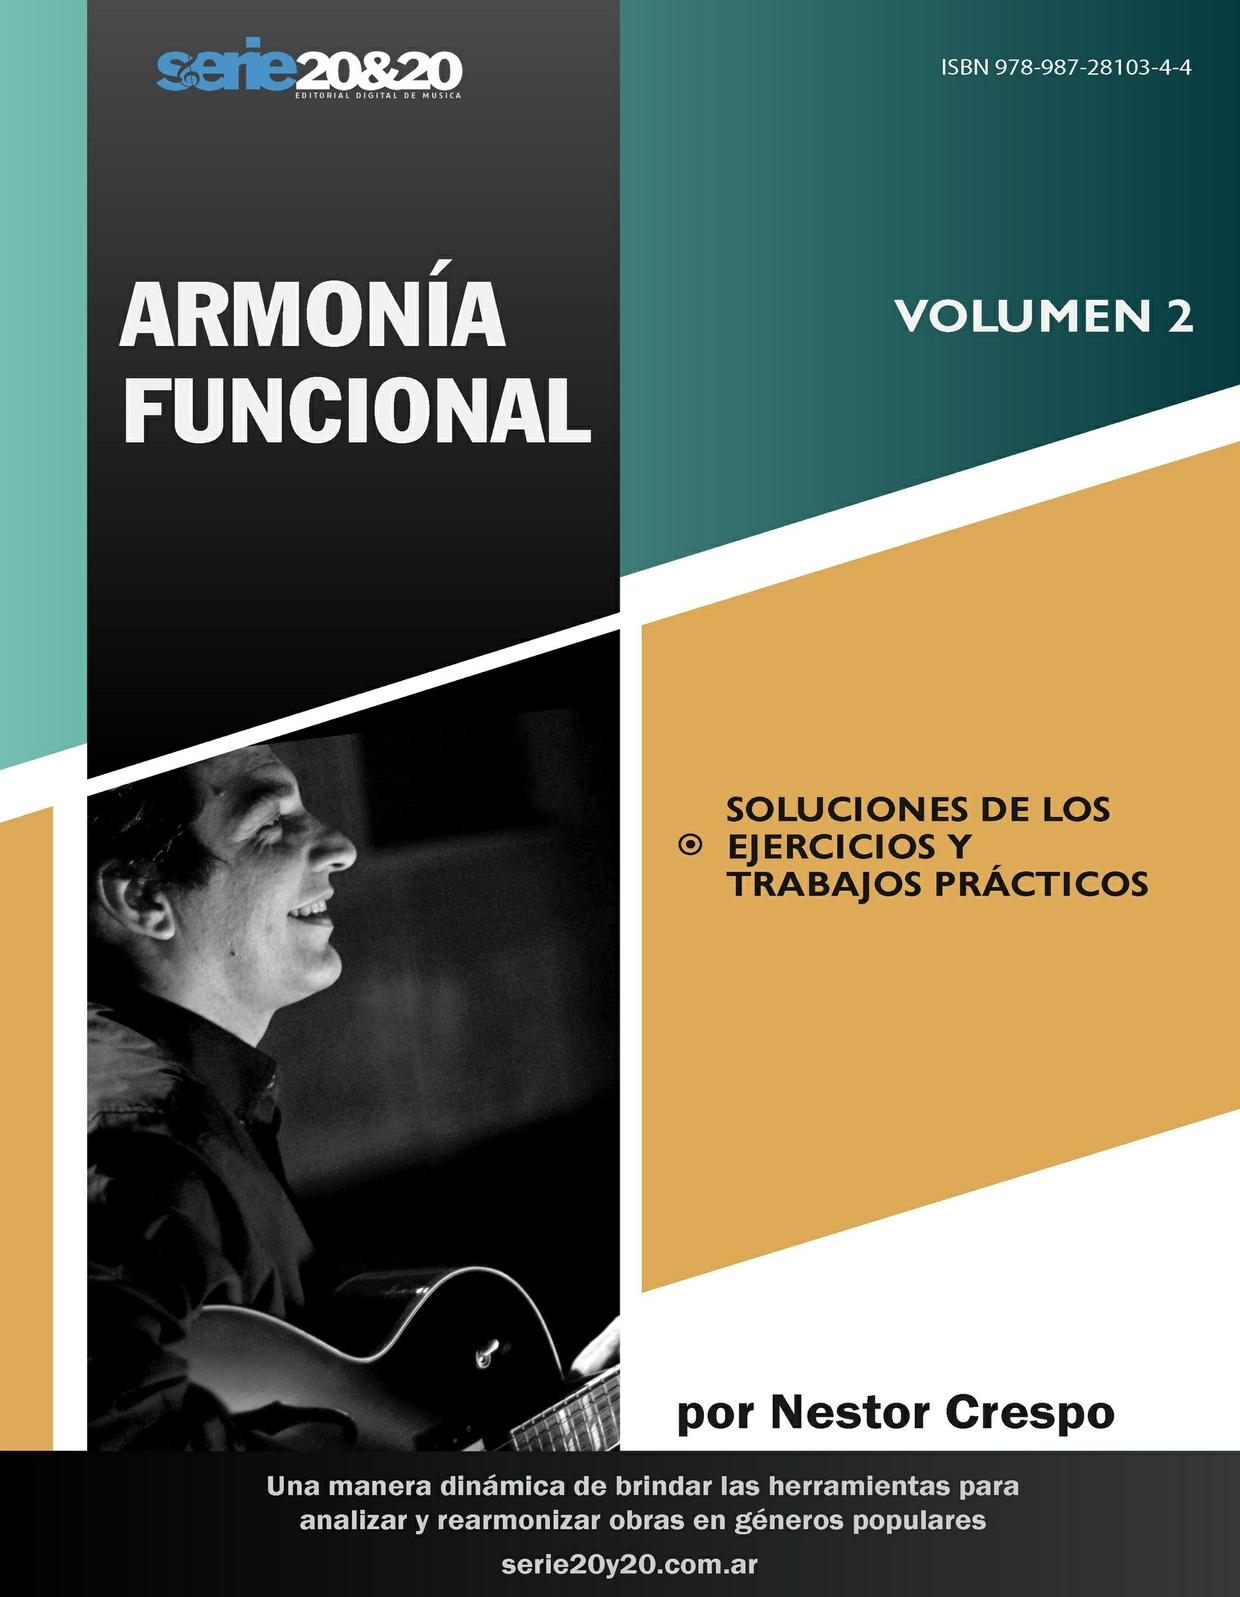 SOLUCIONES /  Armonía Funcional 2